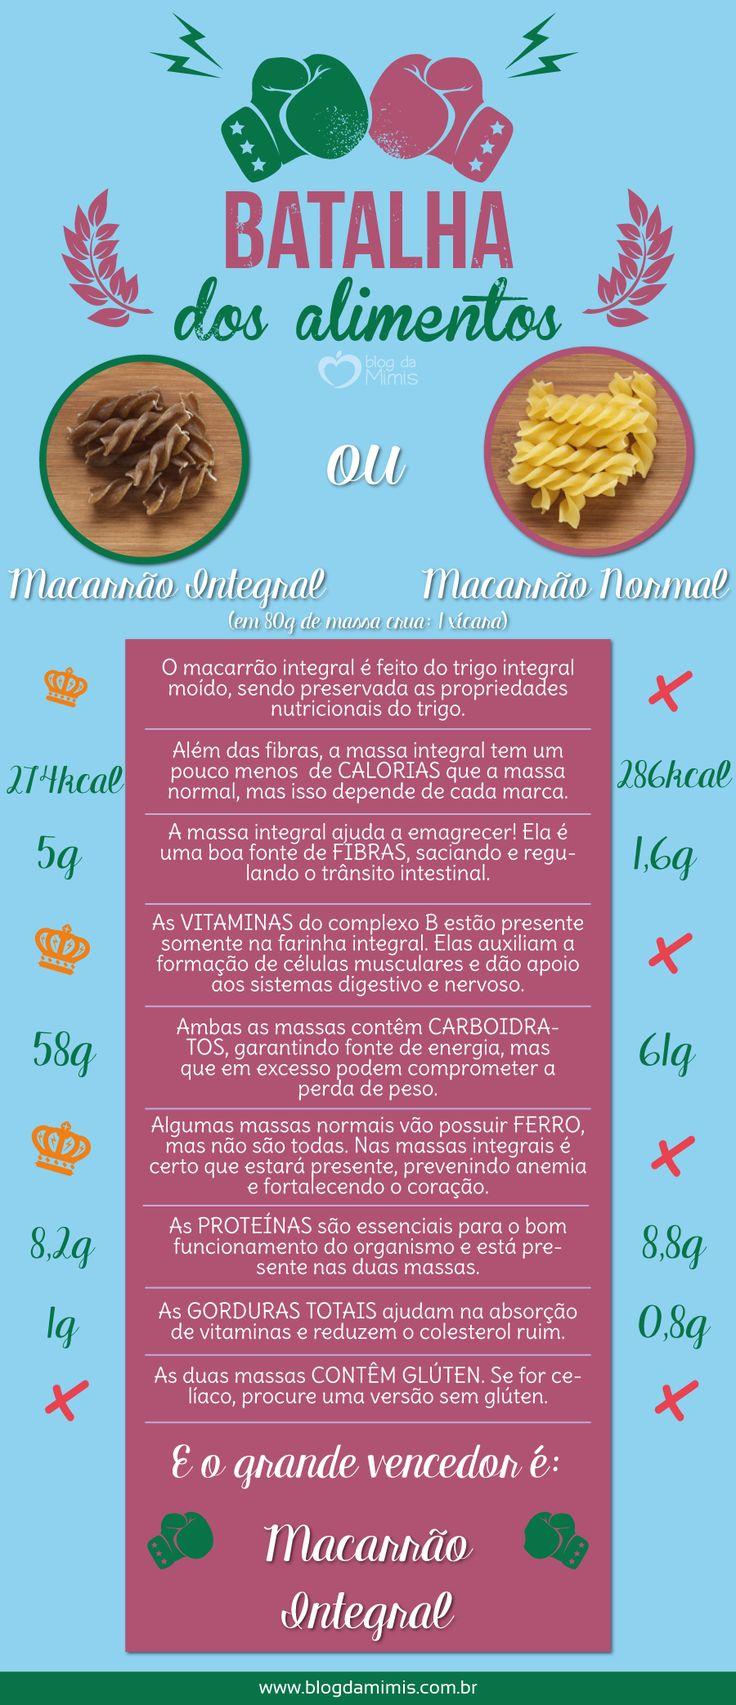 Batalha dos alimentos: qual o melhor macarrão para a dieta? - Blog da Mimis…